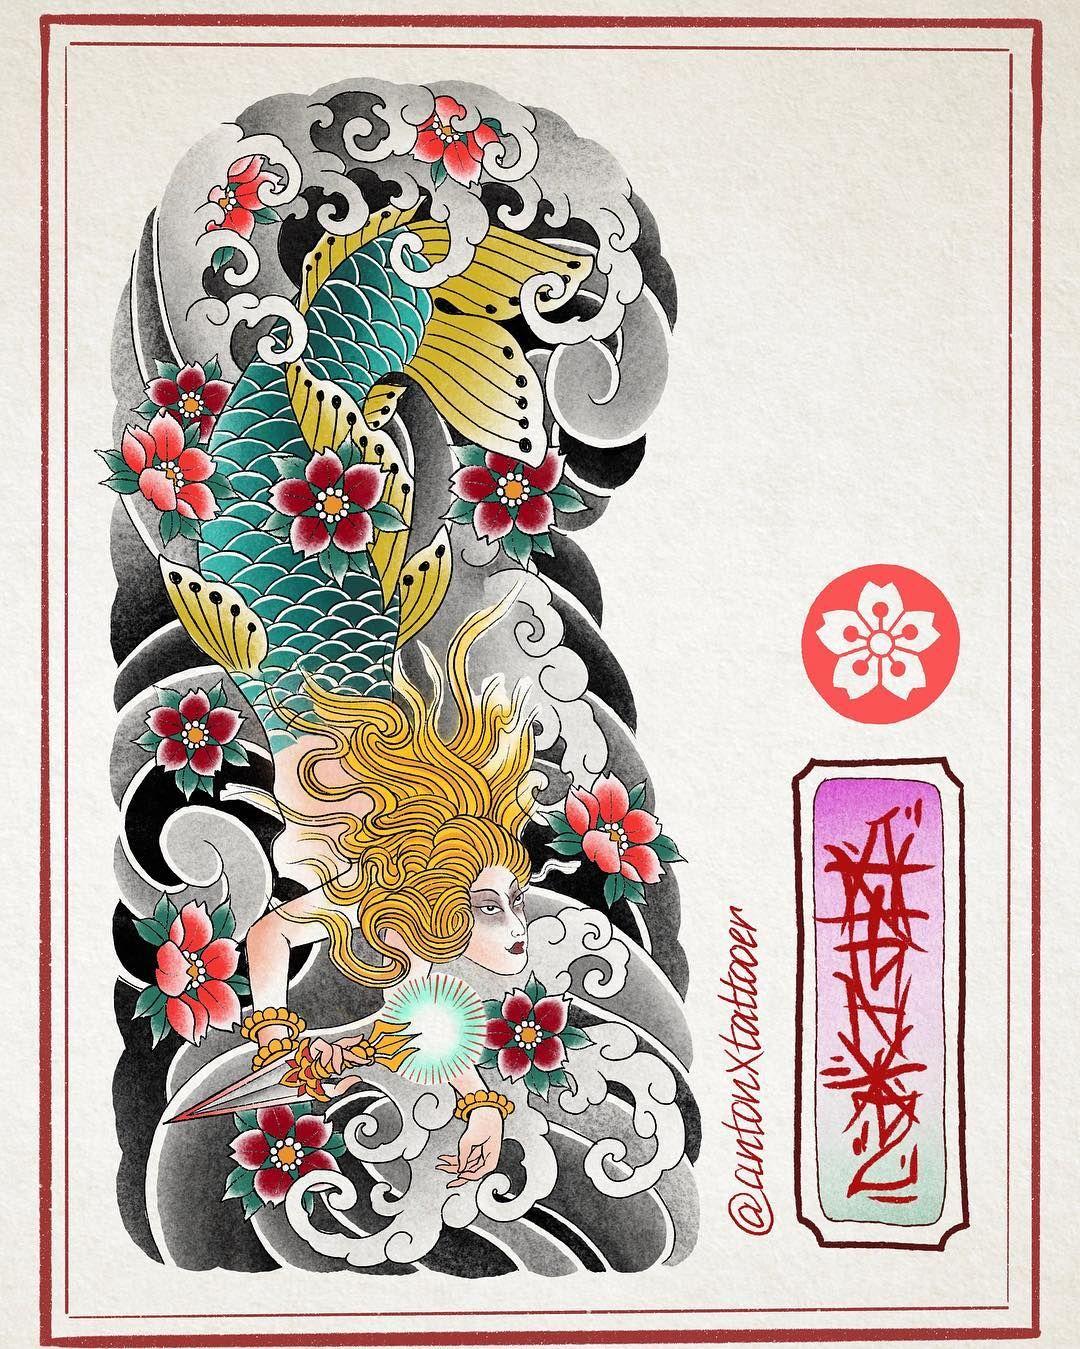 ในภาพอาจจะมี 1 คน | Японские рисунки волны, Японские ...